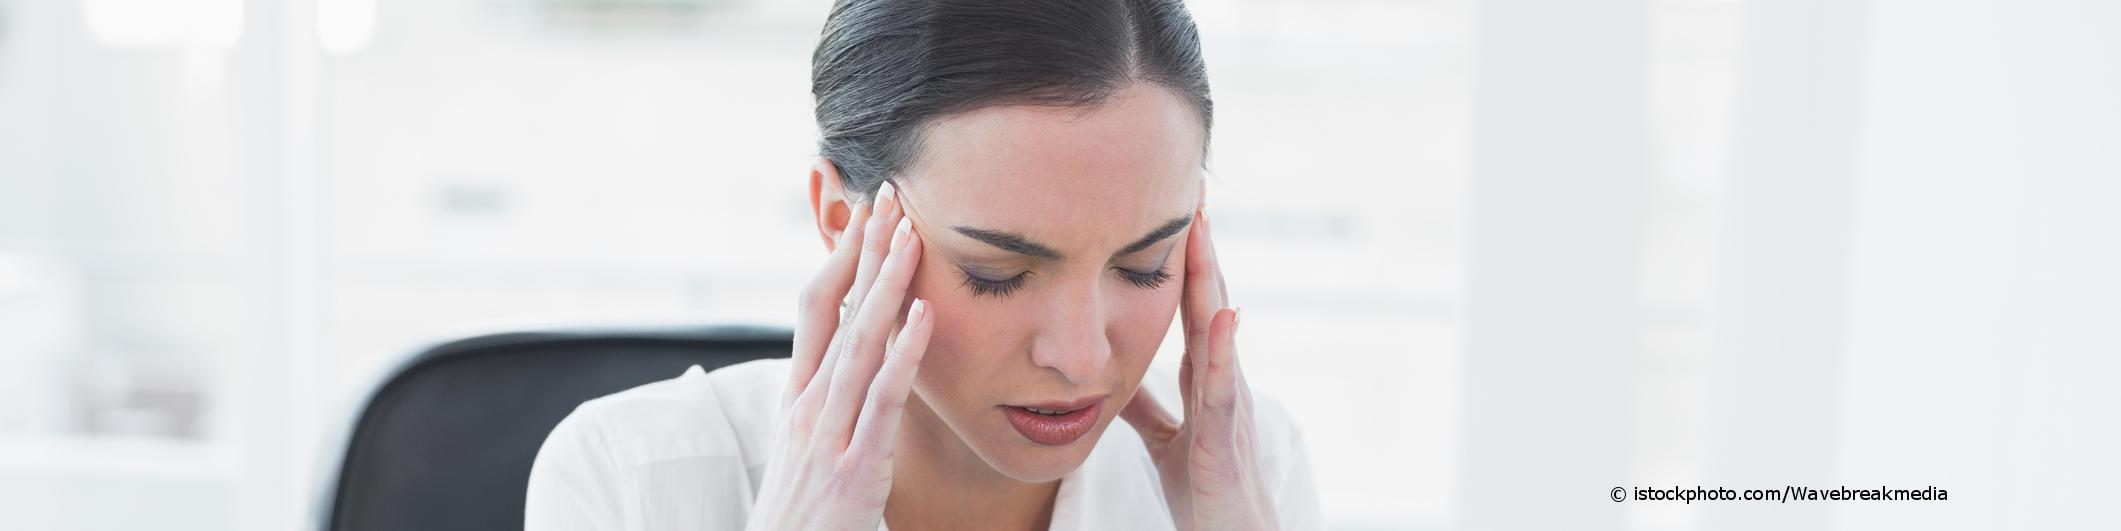 Junge Frau mit Kopfschmerzen sitzt am Schreibtisch und hält sich die Schläfen